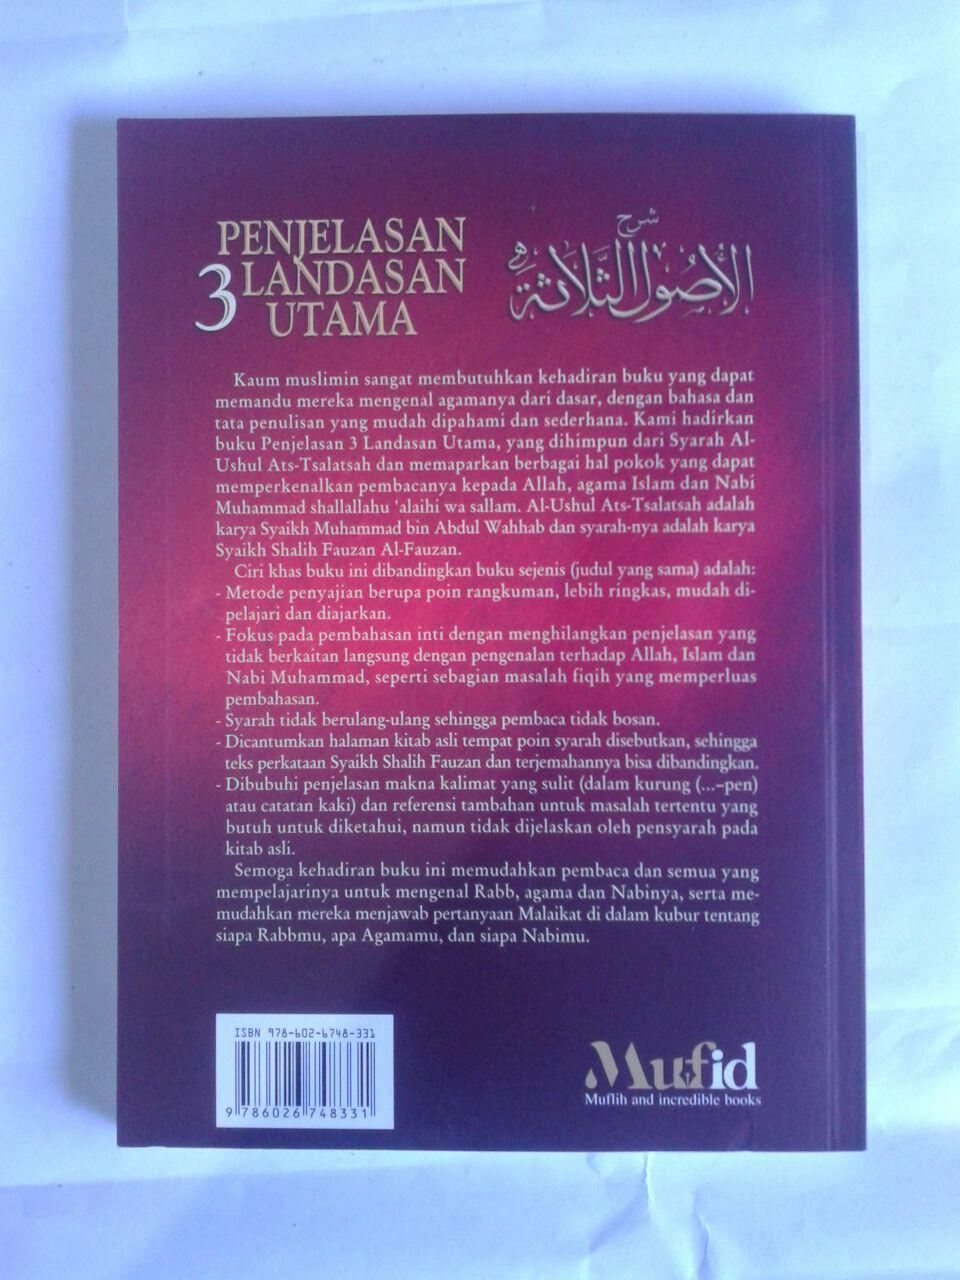 Buku Penjelasan 3 Landasan Utama Soft Cover